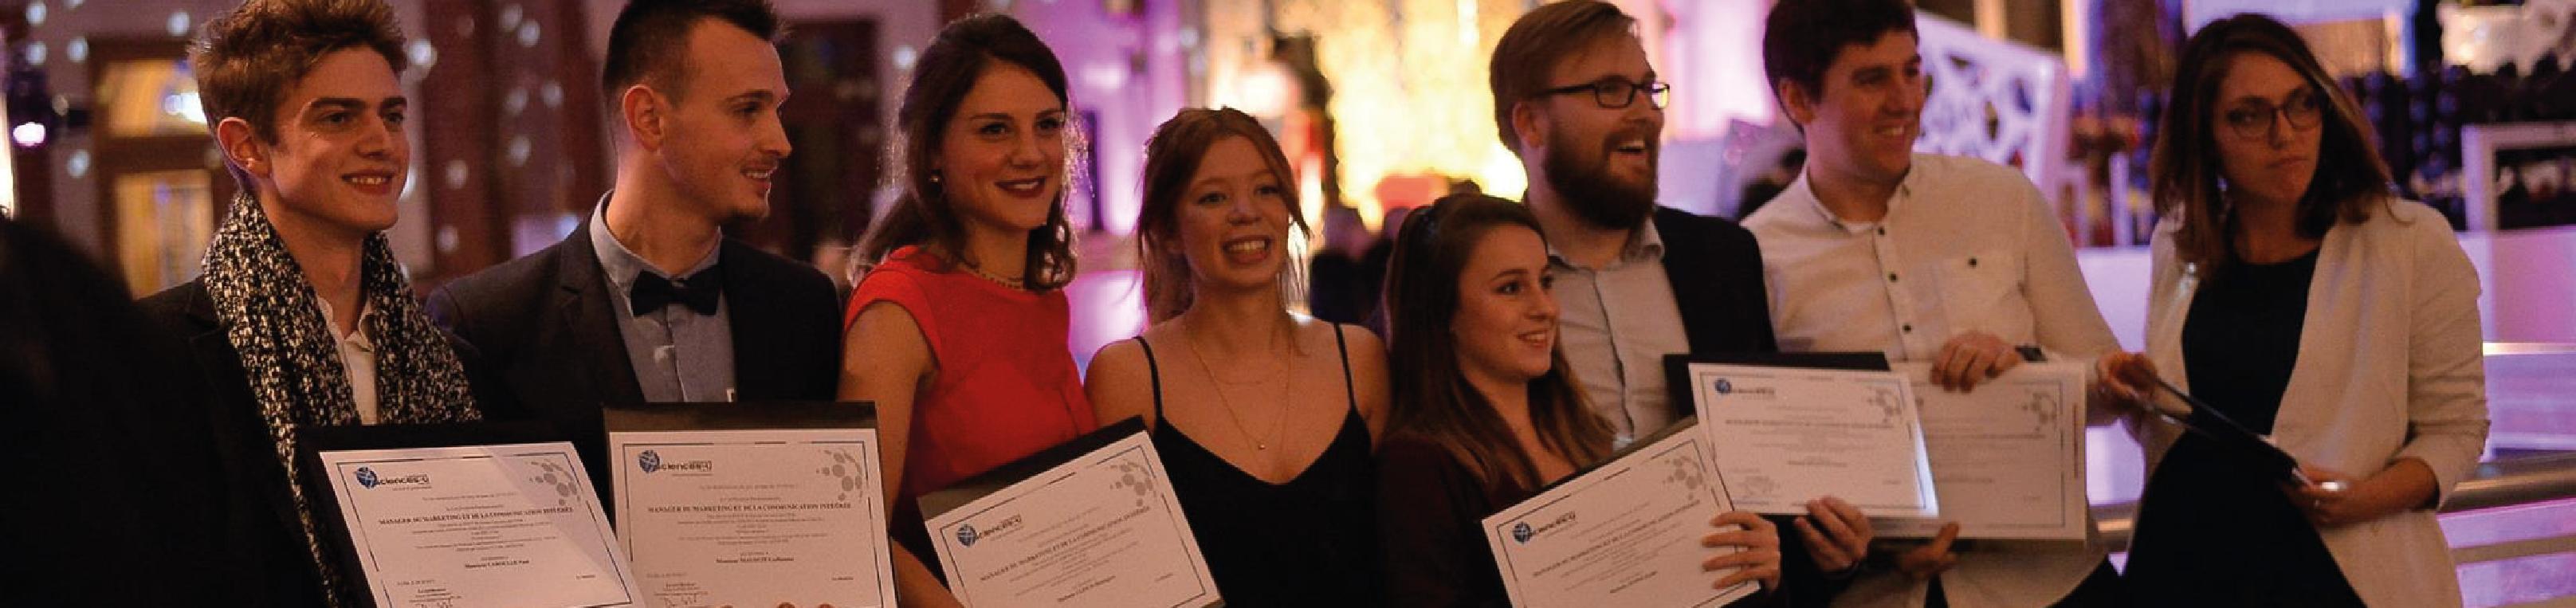 Remise de diplômes en fête à ESUPCOM Lille